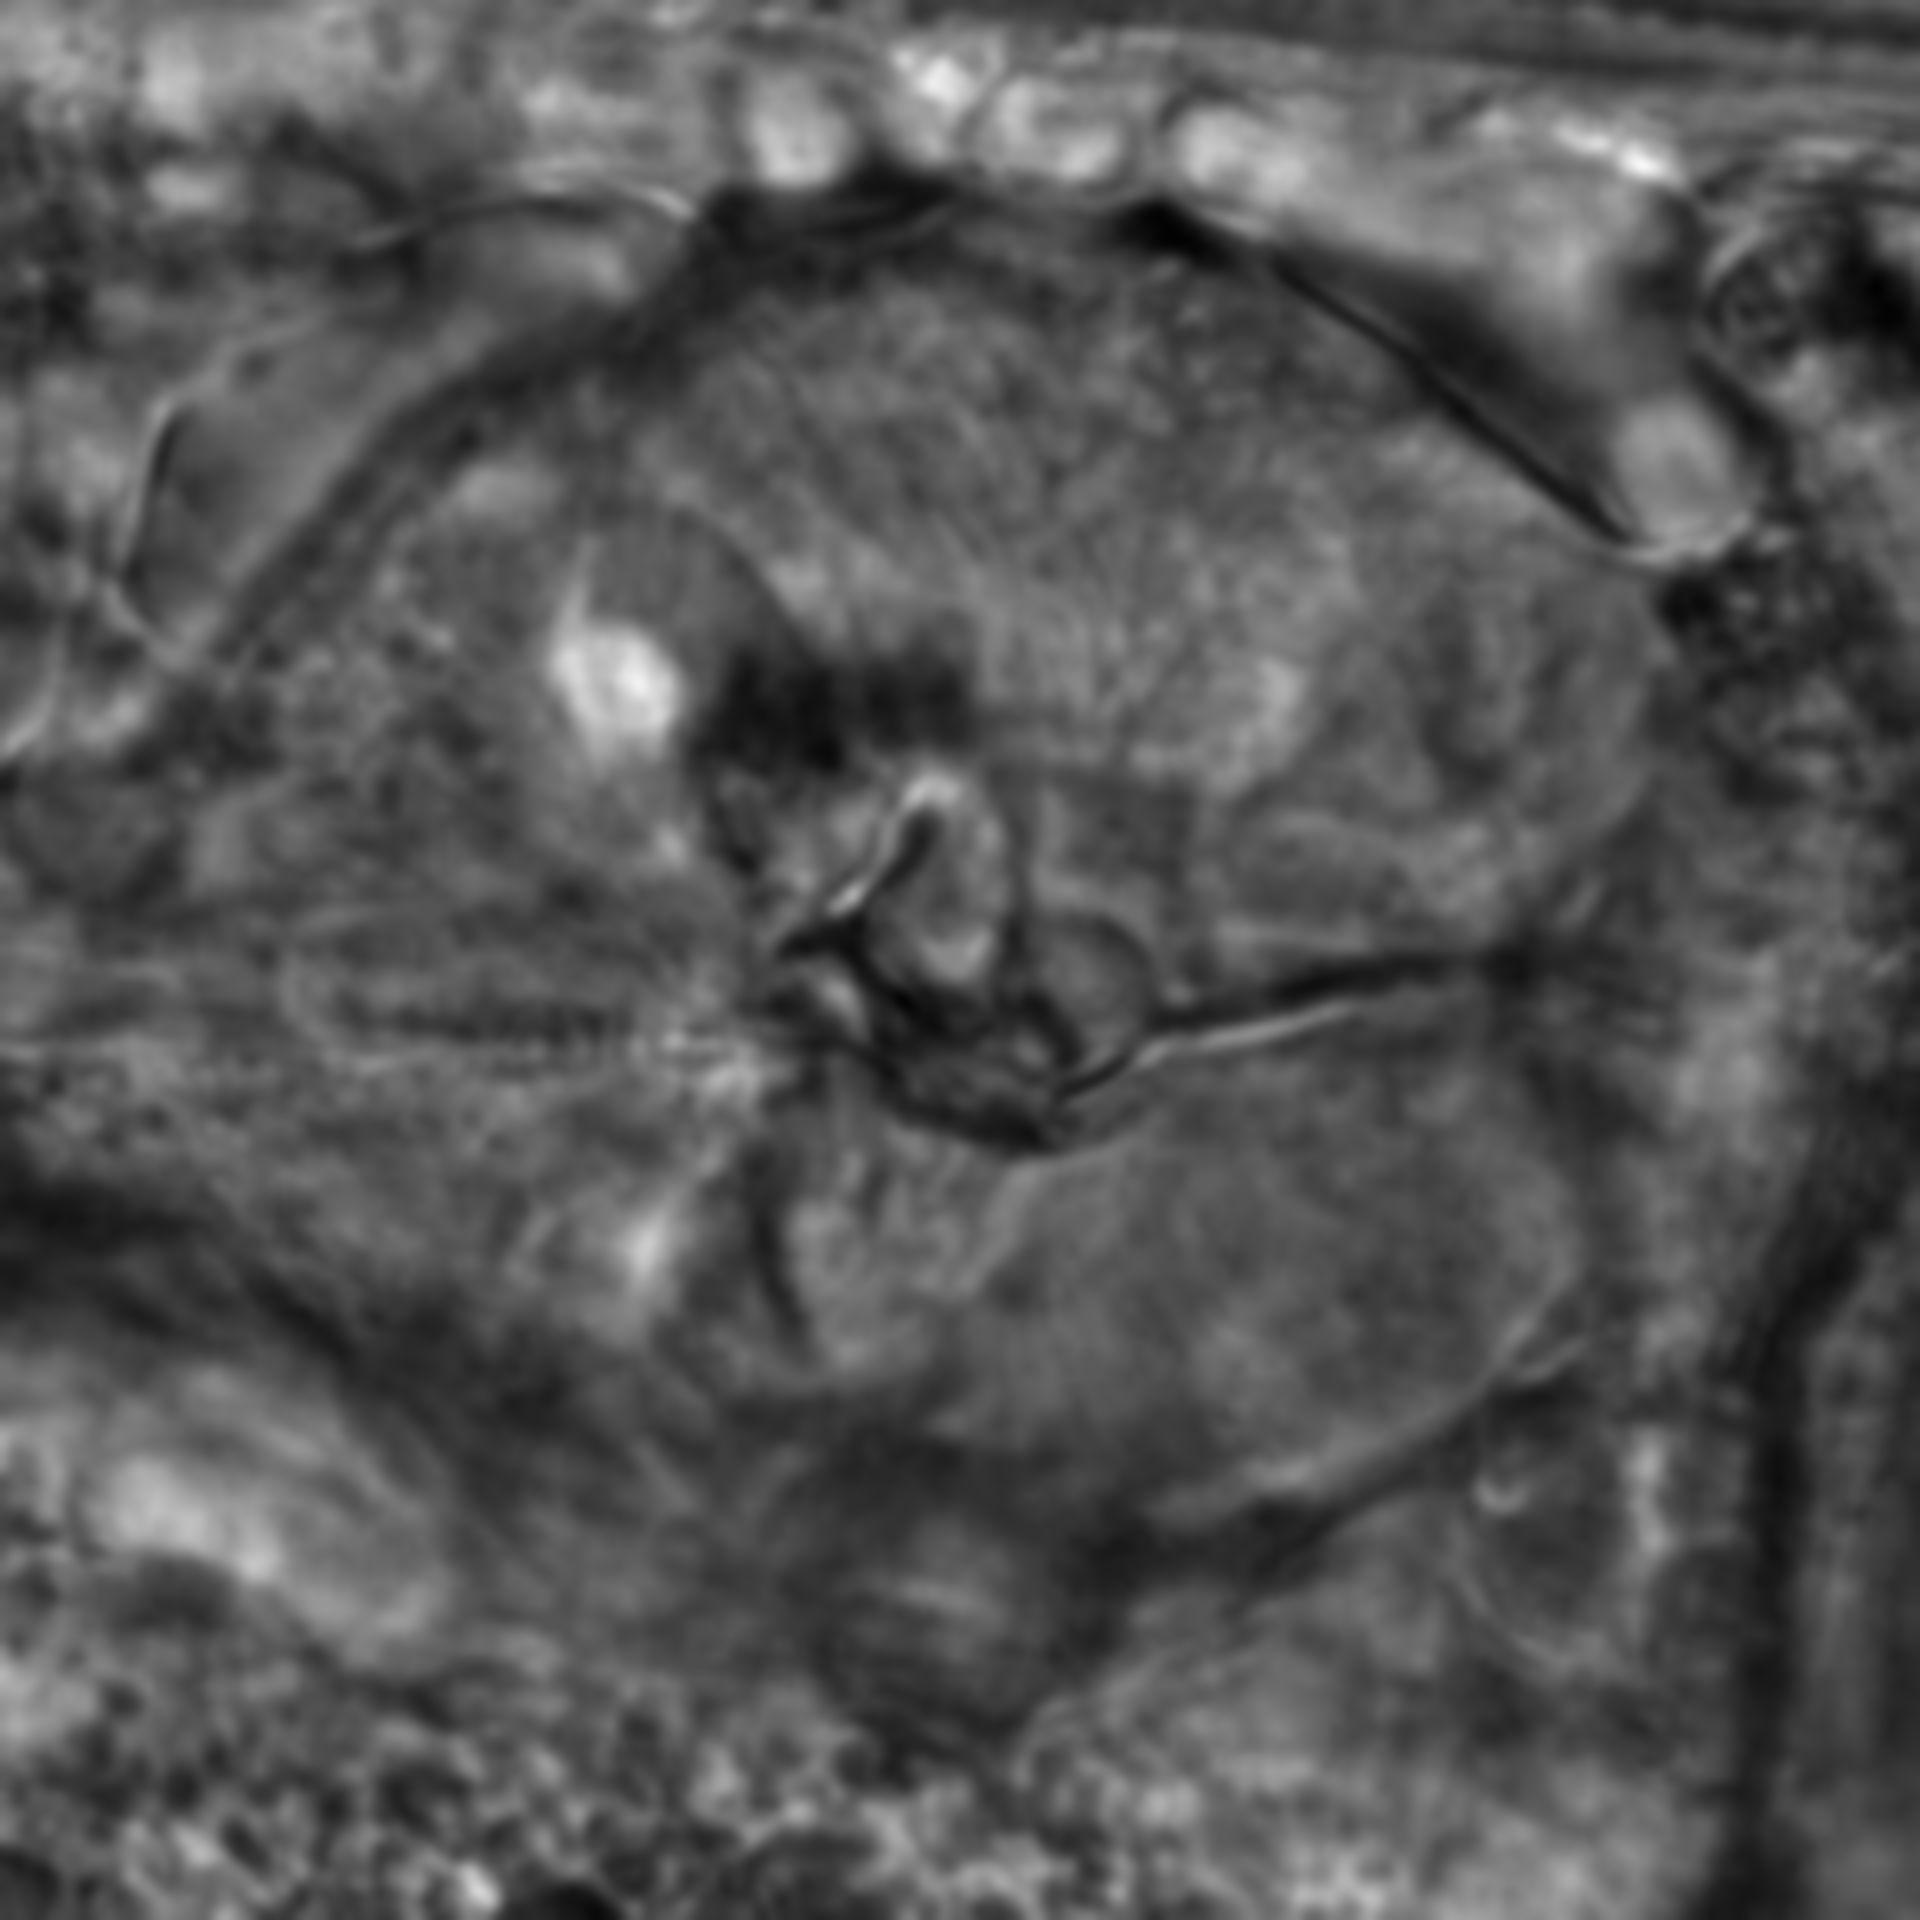 Caenorhabditis elegans - CIL:2827